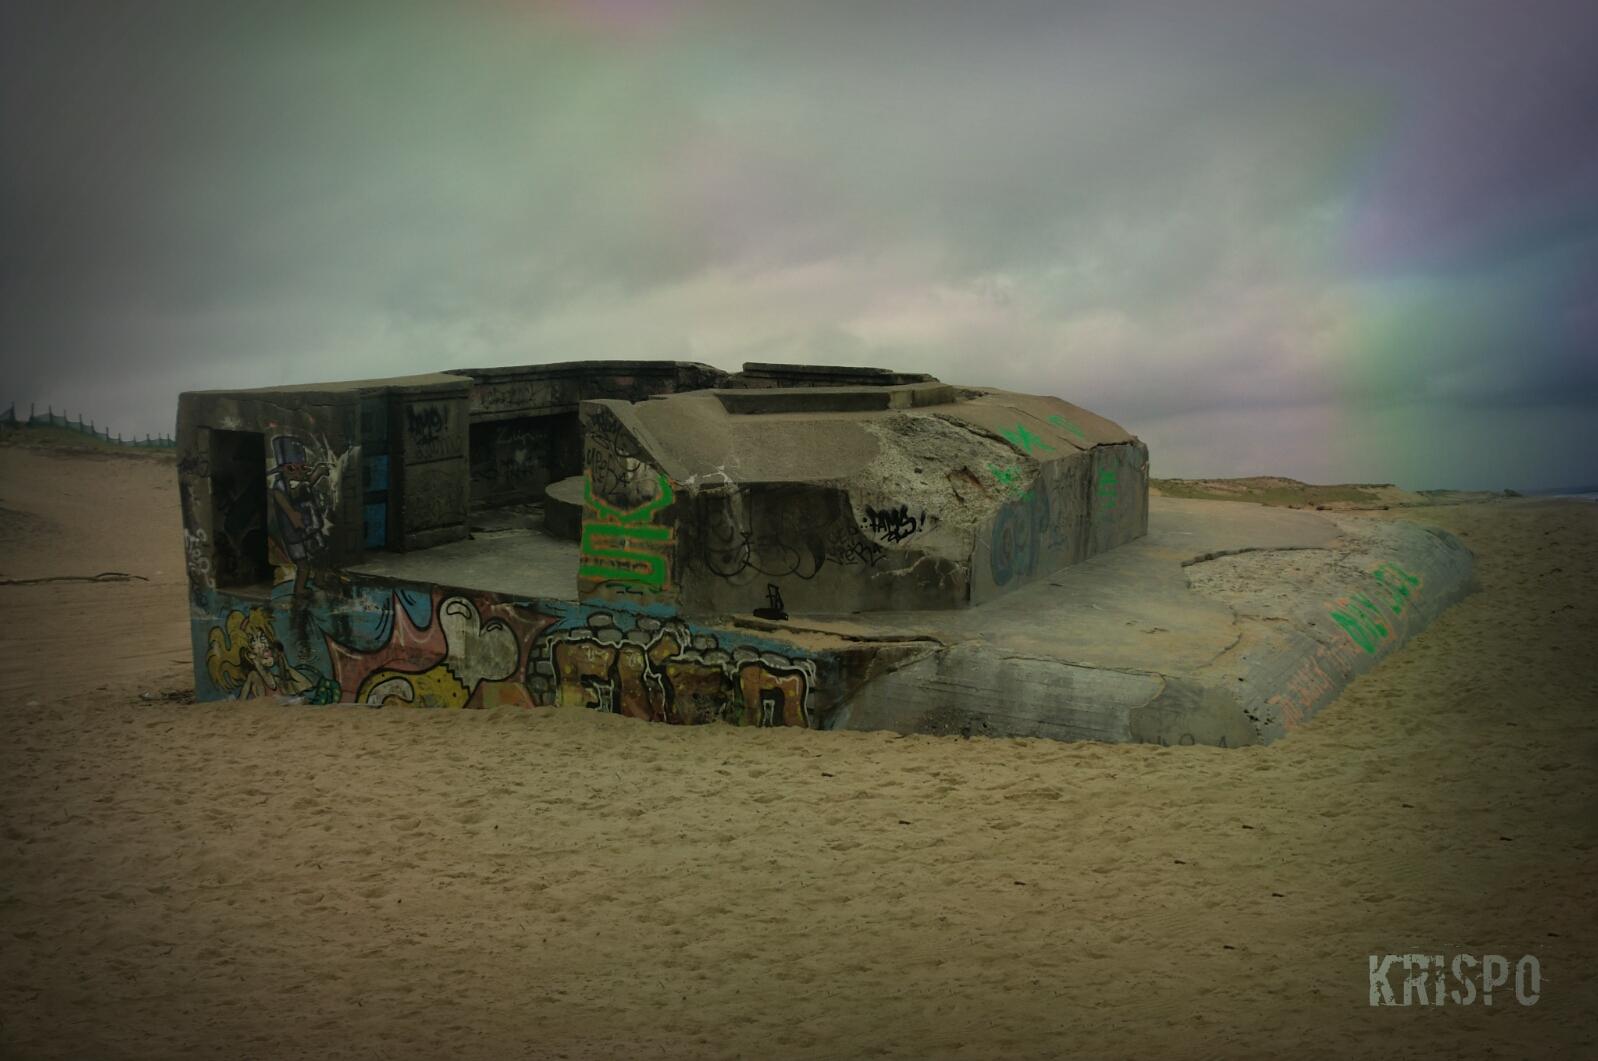 bunker semienterrado pintado con graffitis en playa de las landas